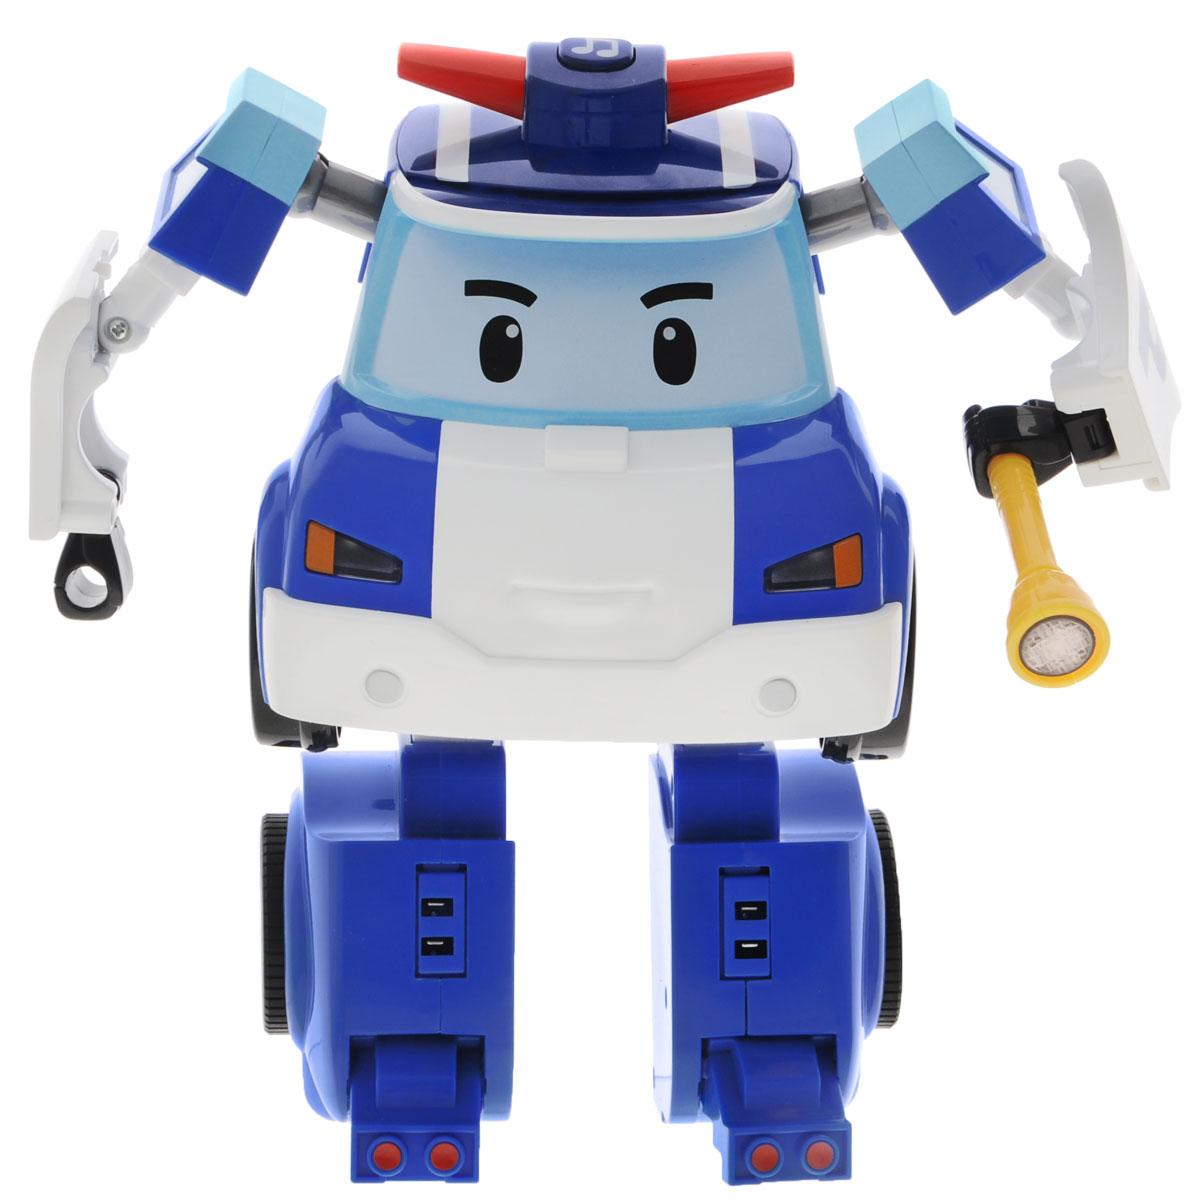 """Робот-трансормер на радиоуправлении """"Поли"""" непременно понравится вашему ребенку. Он выполнен в виде полицейской машинки-робота Поли - персонажа мультфильма """"Robocar Poli"""". У робота подвижные руки и ноги. В комплект с ним входят: фонарик, полицейская дубинка, бензопила и дрель. Поли может трансформироваться в машинку. В форме машинки он может управляться с пульта. Поли-машинка при помощи пульта управления может двигаться вперед, назад, поворачивать влево и вправо, включать передние фары, звук сирены и мелодии. Робот-машинка Поли непременно наведет порядок в городке Брумстаун. Порадуйте своего малыша таким замечательным подарком! Необходимо докупить 7 батареек напряжением 1,5V типа ААА (не входят в комплект)."""